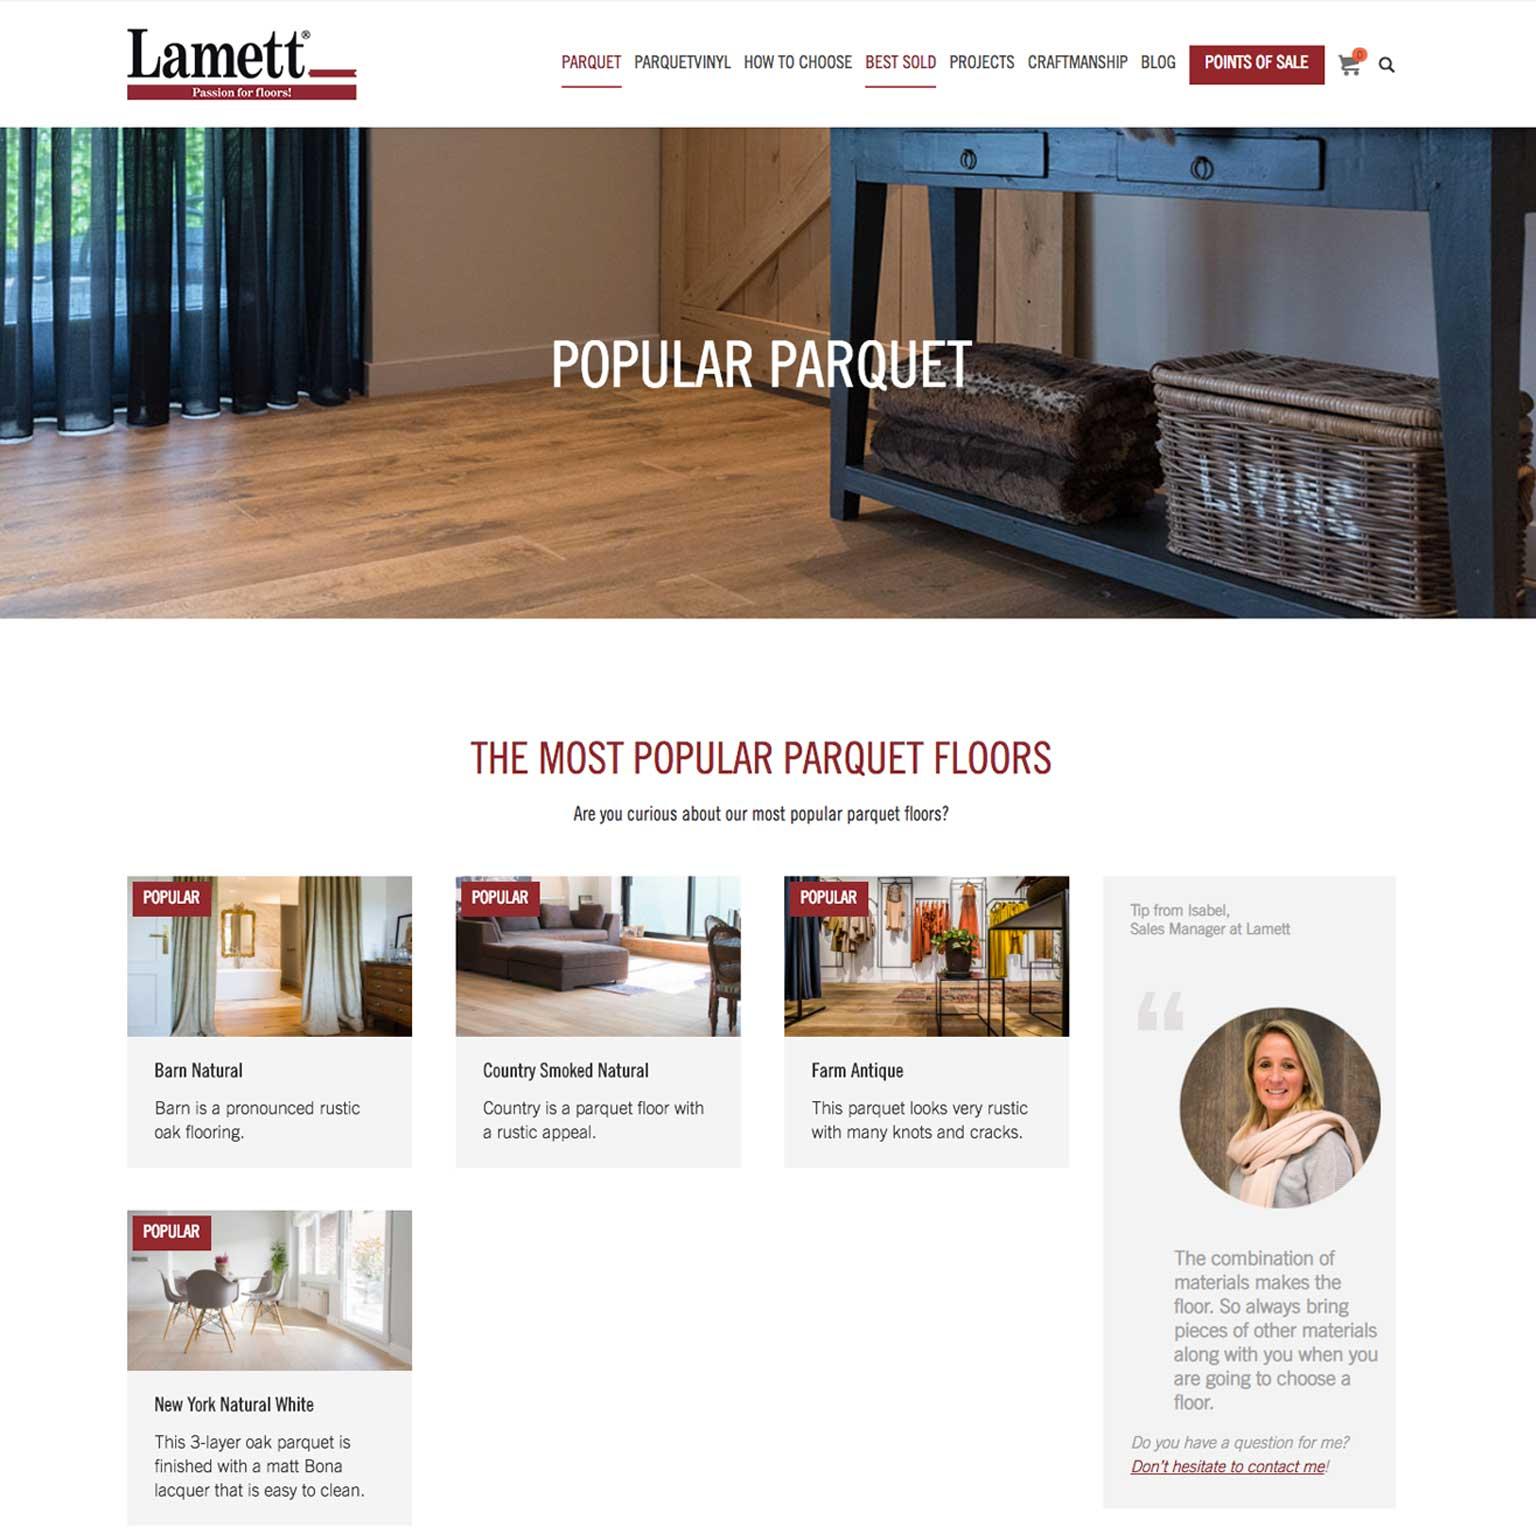 1536x1536-case-study-lamett-web-page-1